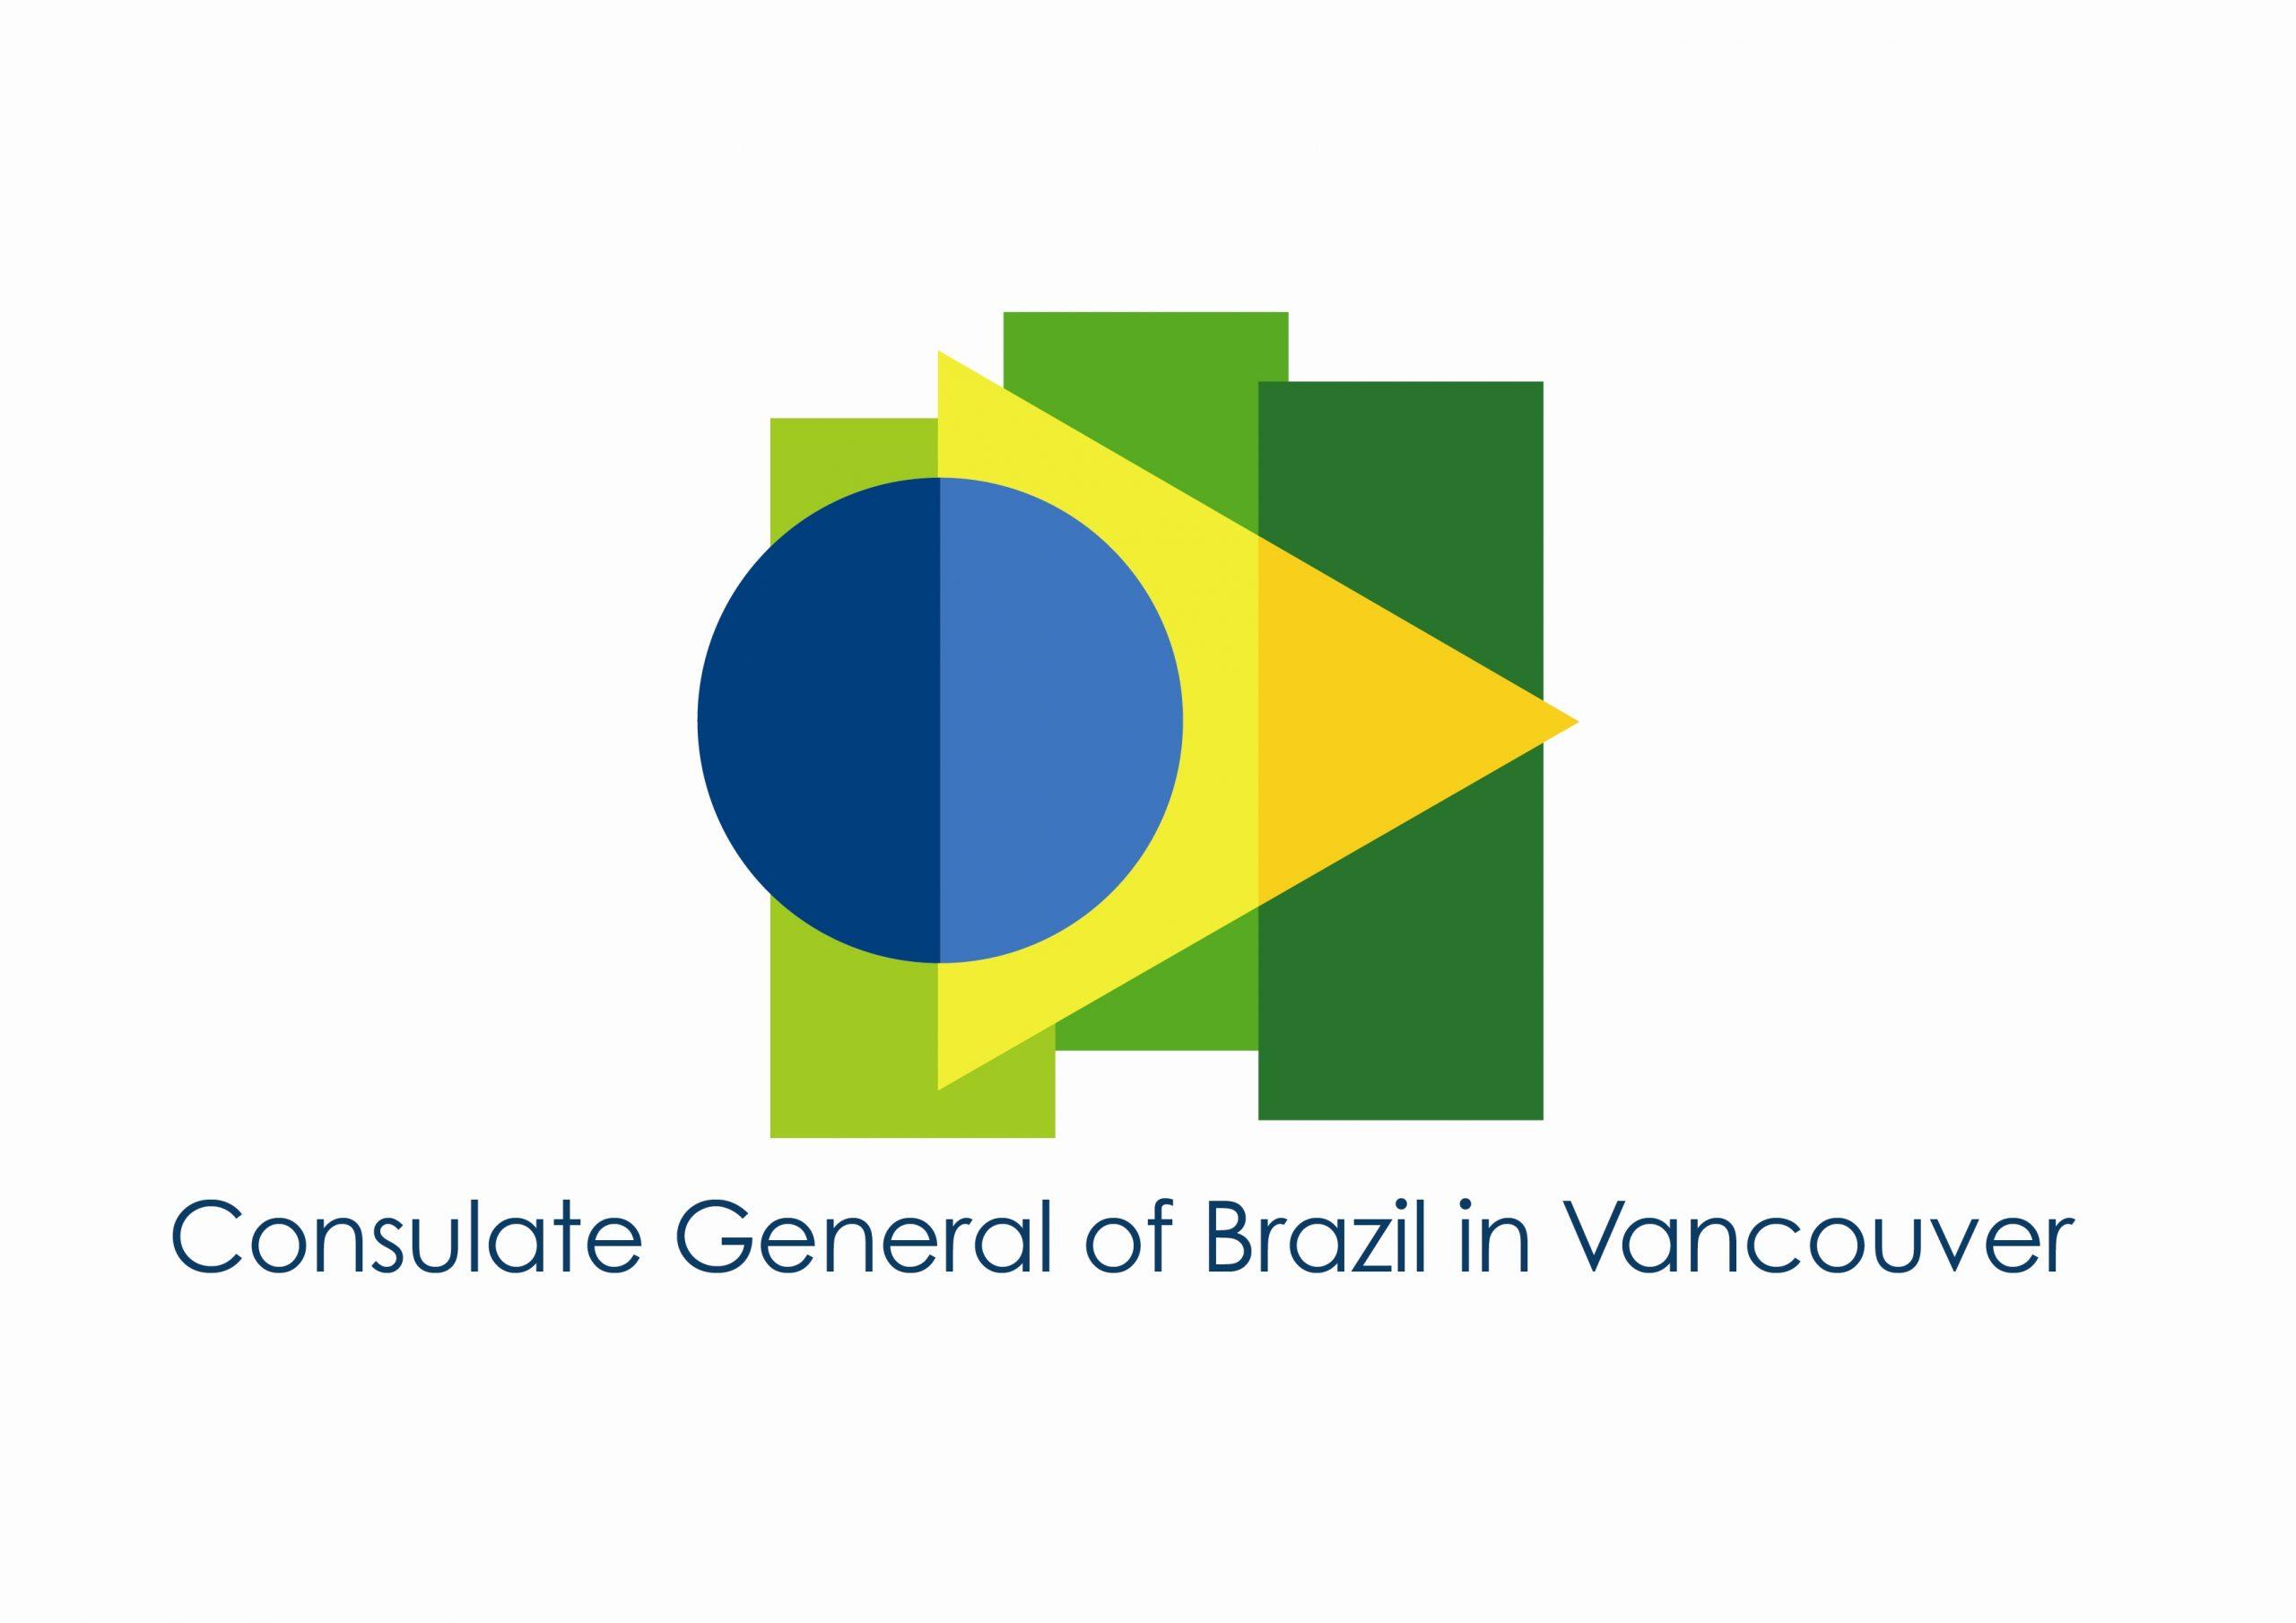 Consulate of Brazil